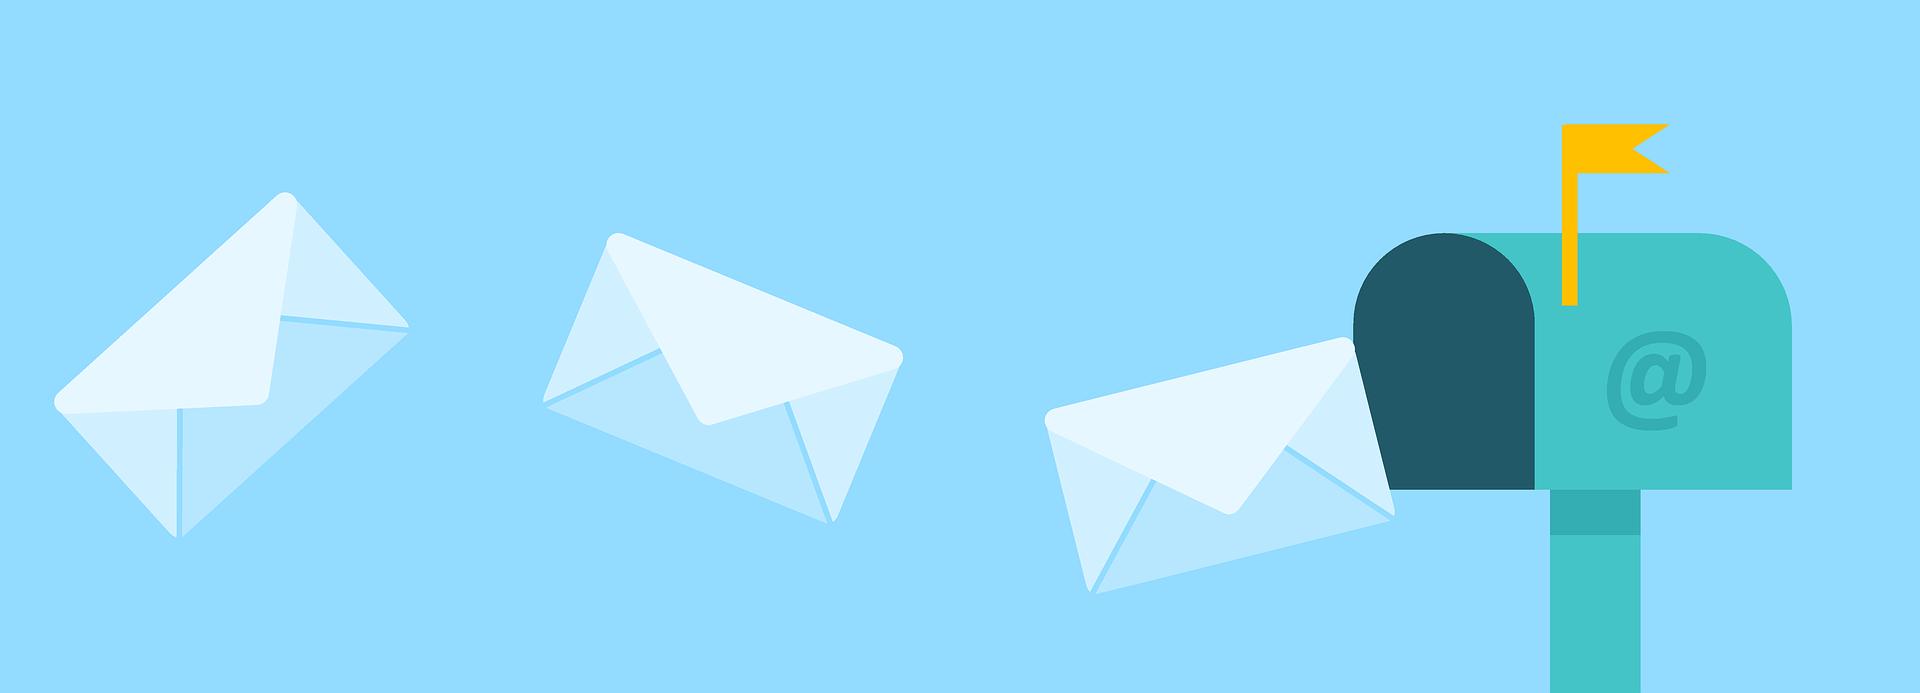 Email marketing vẫn là phương pháp tiếp thị quan trọng thời đại 4.0